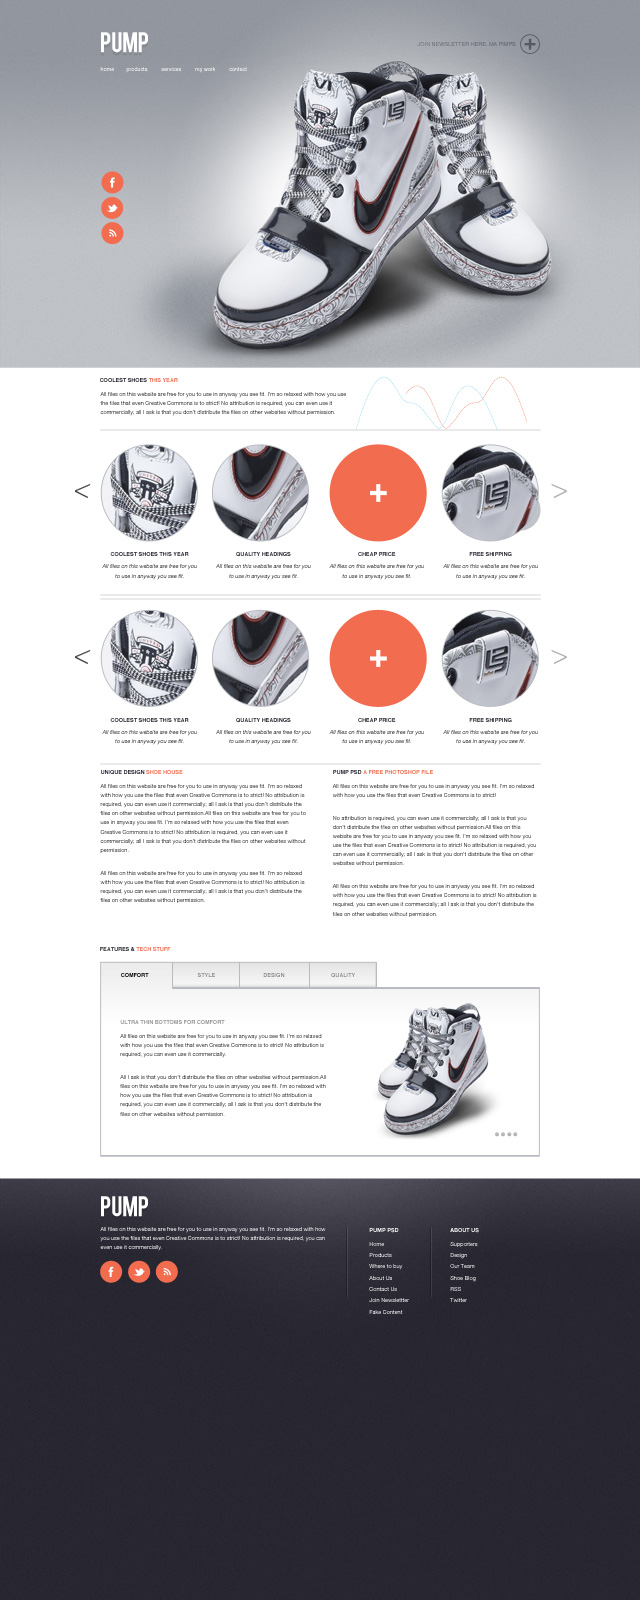 Pump – A free website psd template